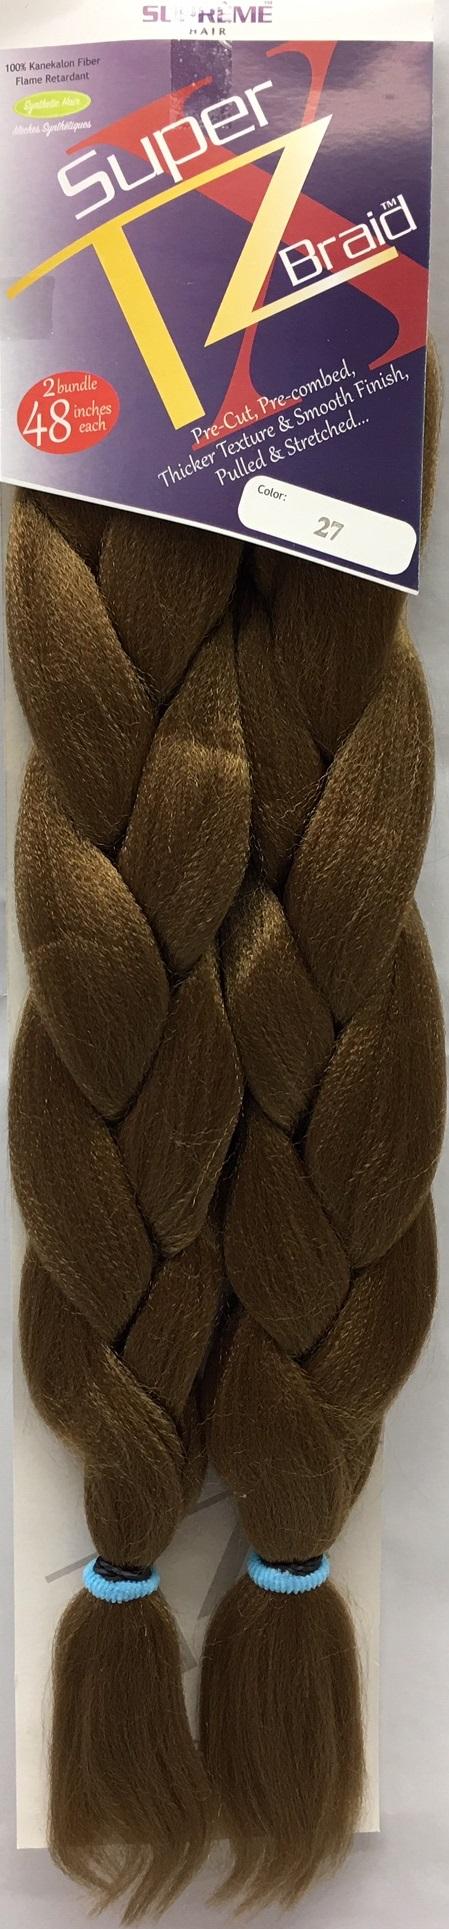 SUPRÊME HAIR - PAQ. DE 2 SUPER X TZ BRAID (CHEVEUX TRESSÉS) 48'' INCHES, 100% KANEKALON MODACRYLIC FIBER, SYNTHETIC HAIR, COLOR 27